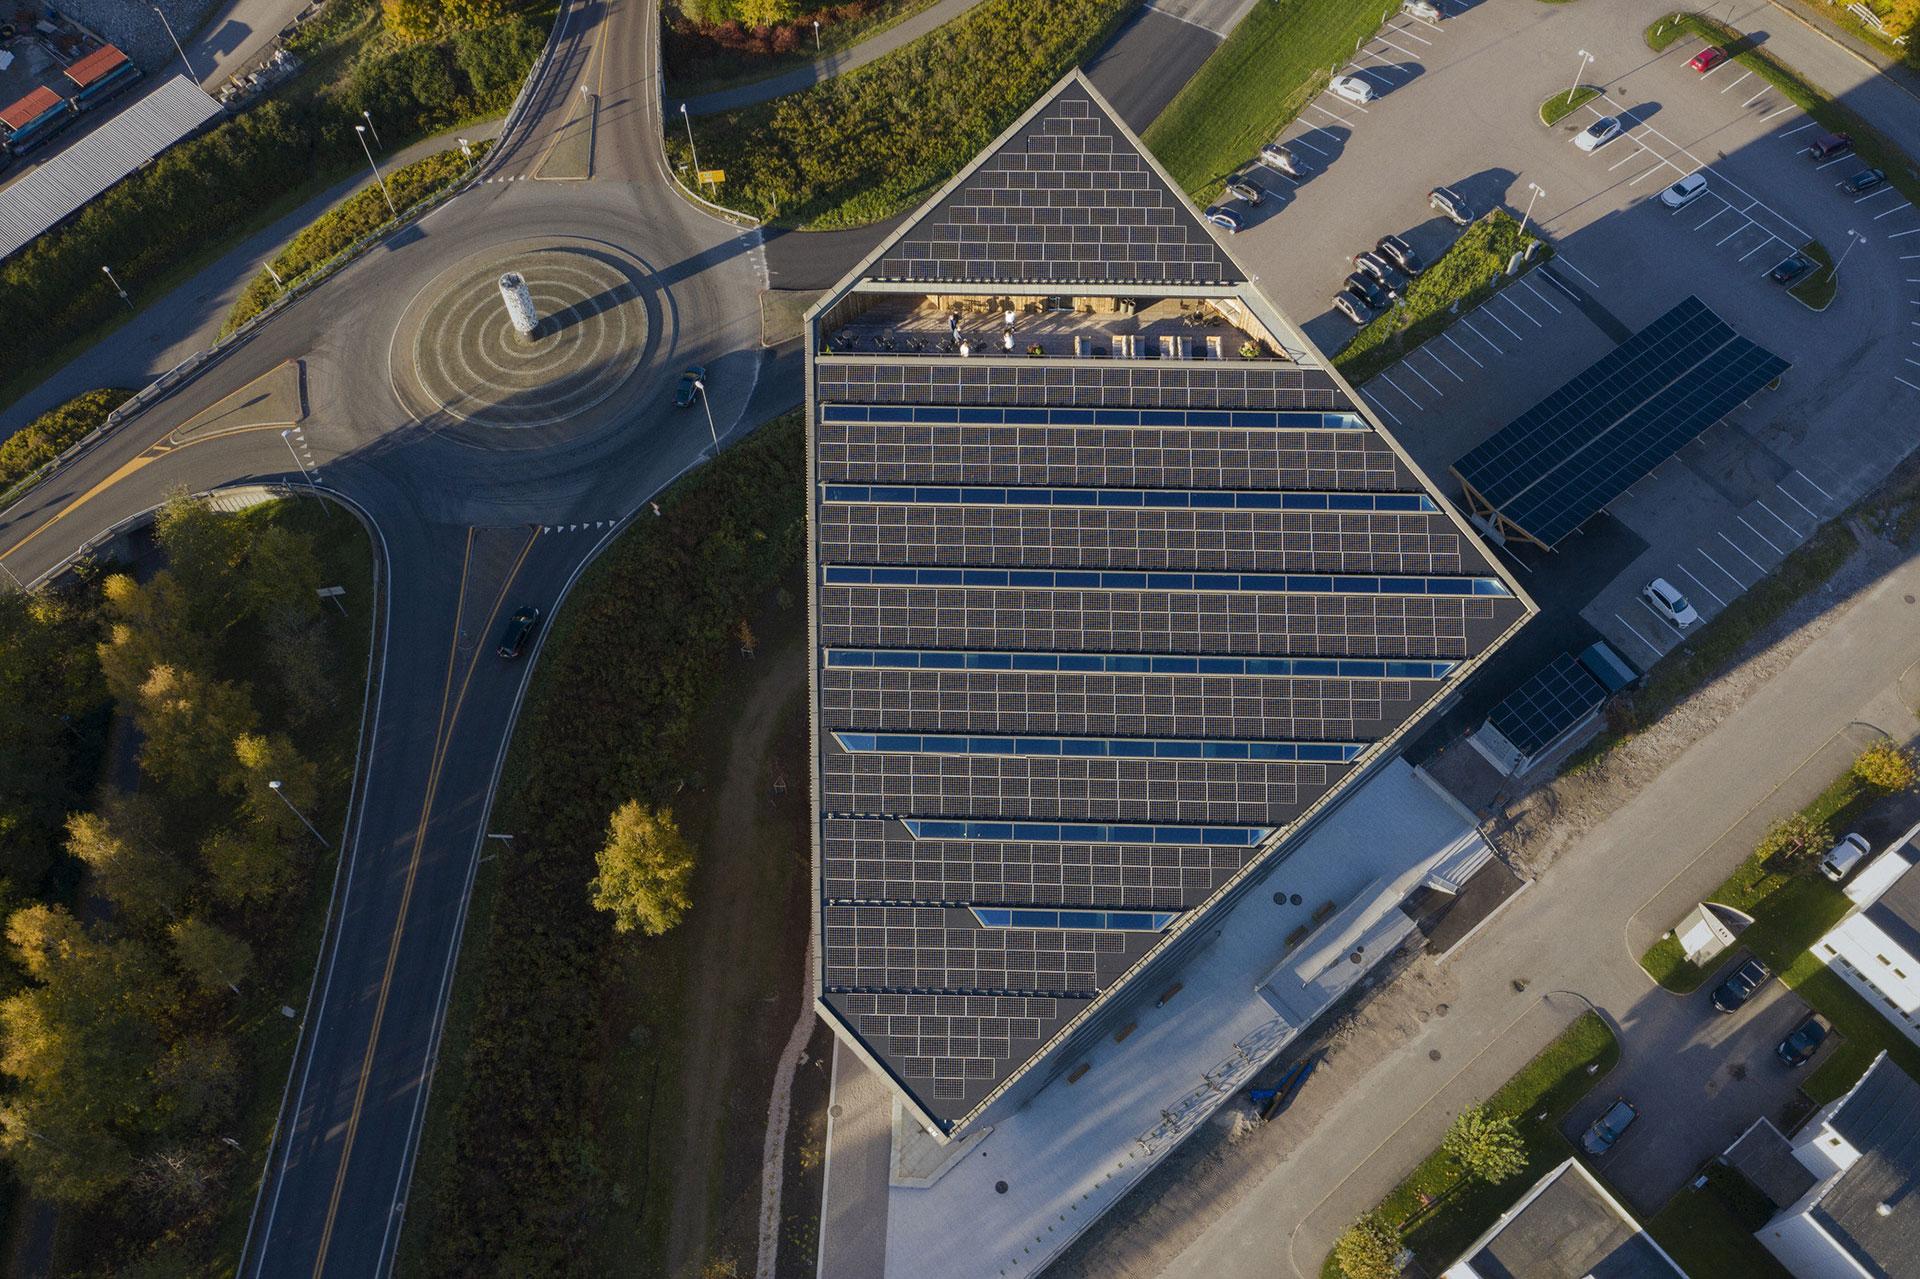 Энергоэффективная архитектура фото